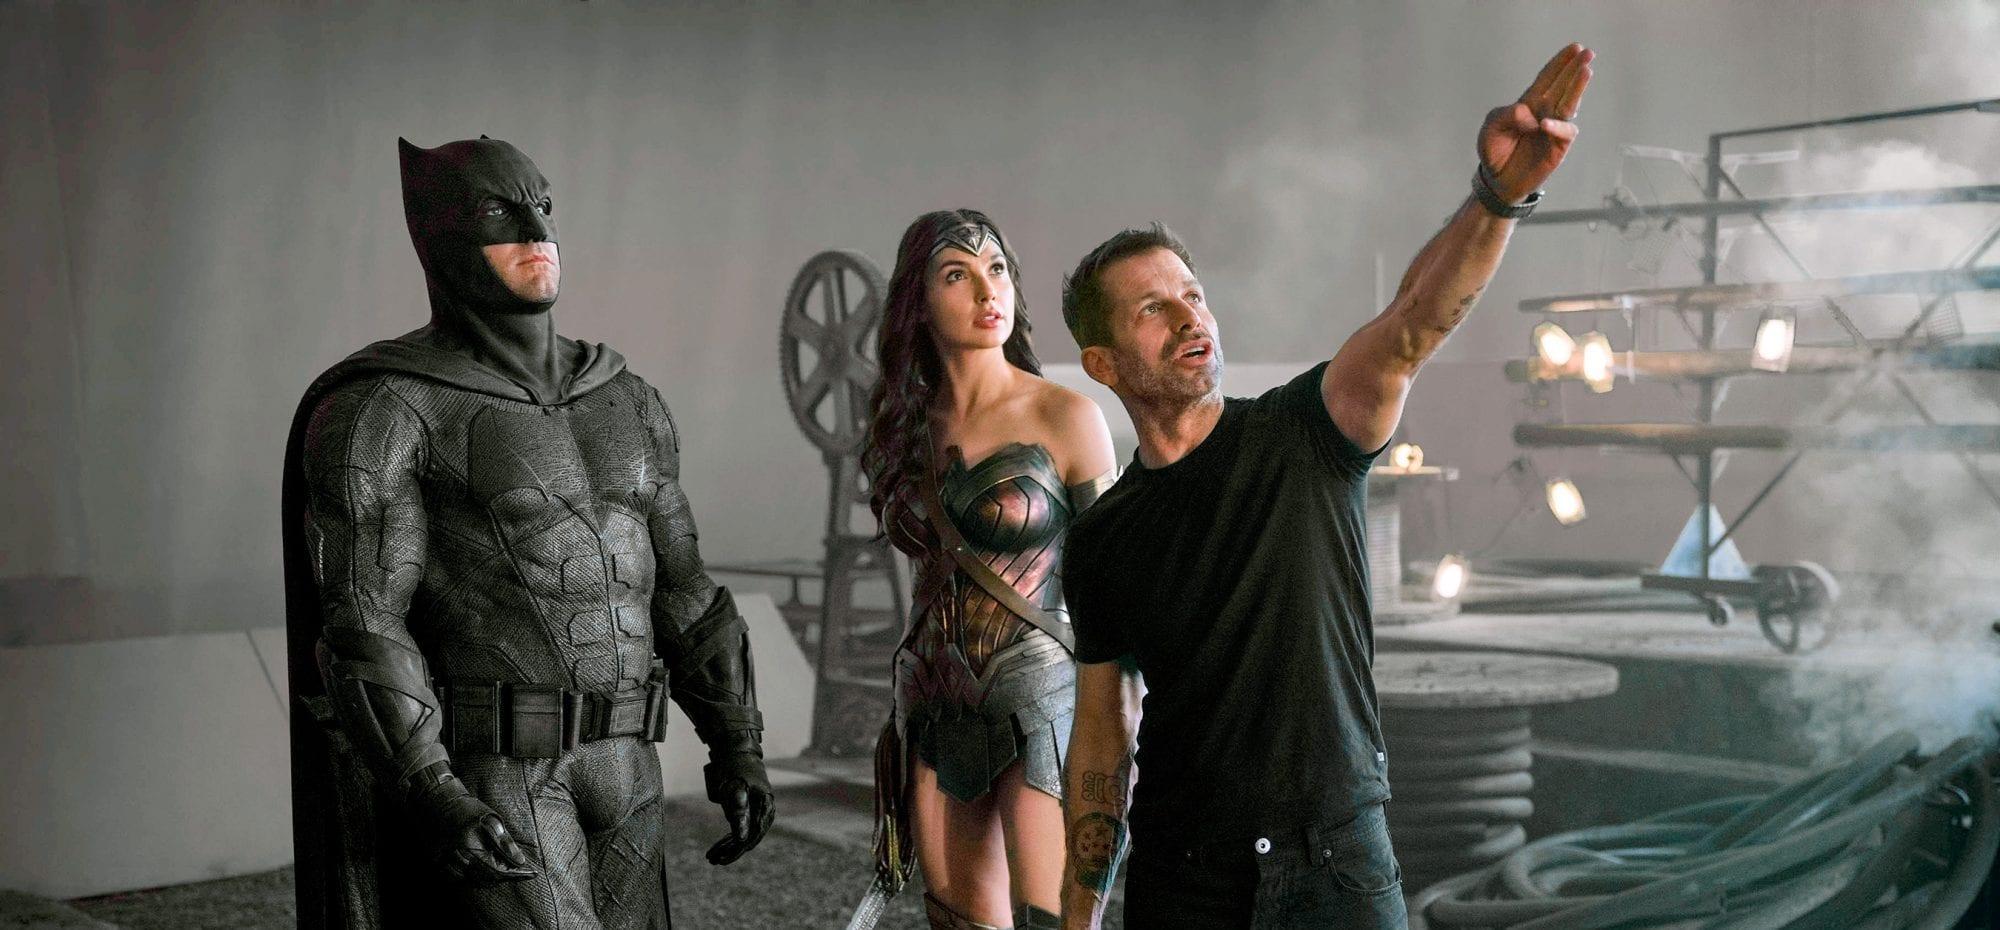 recensione di Zack Snyder's Justice League - Snyder Cut